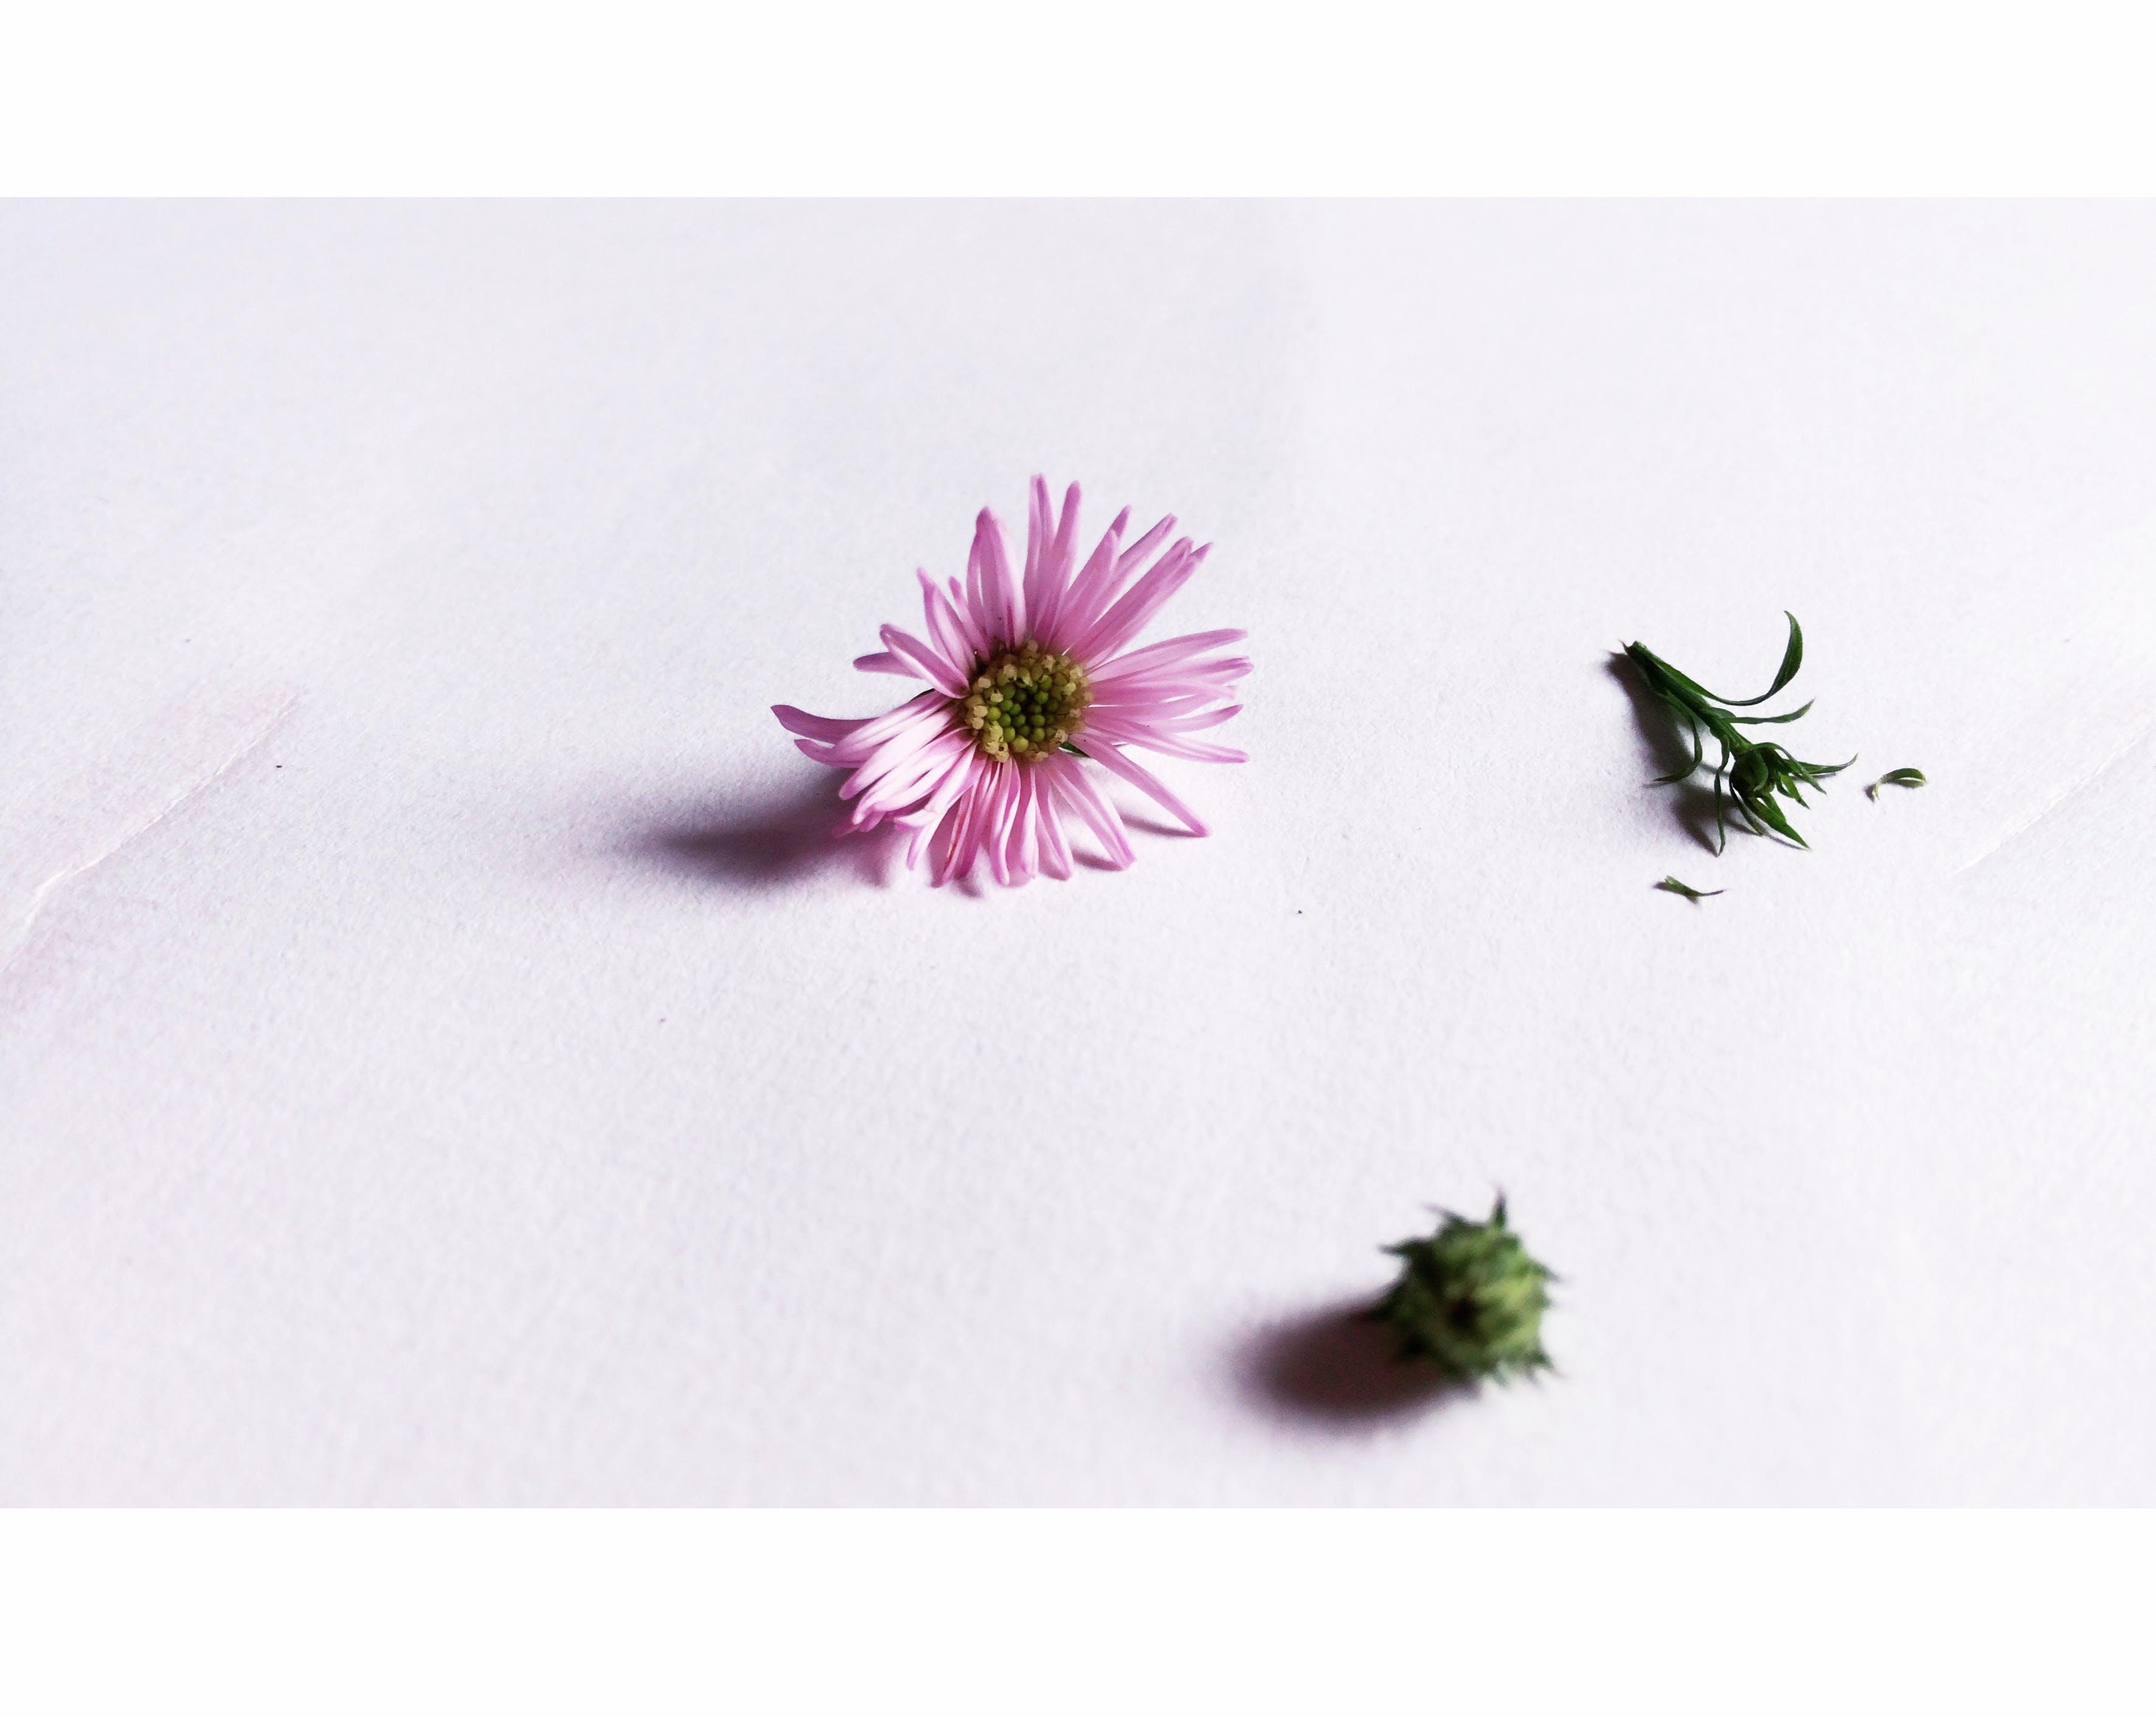 Δωρεάν στοκ φωτογραφιών με polaroid, λευκός, μαργαρίτα, πράσινος